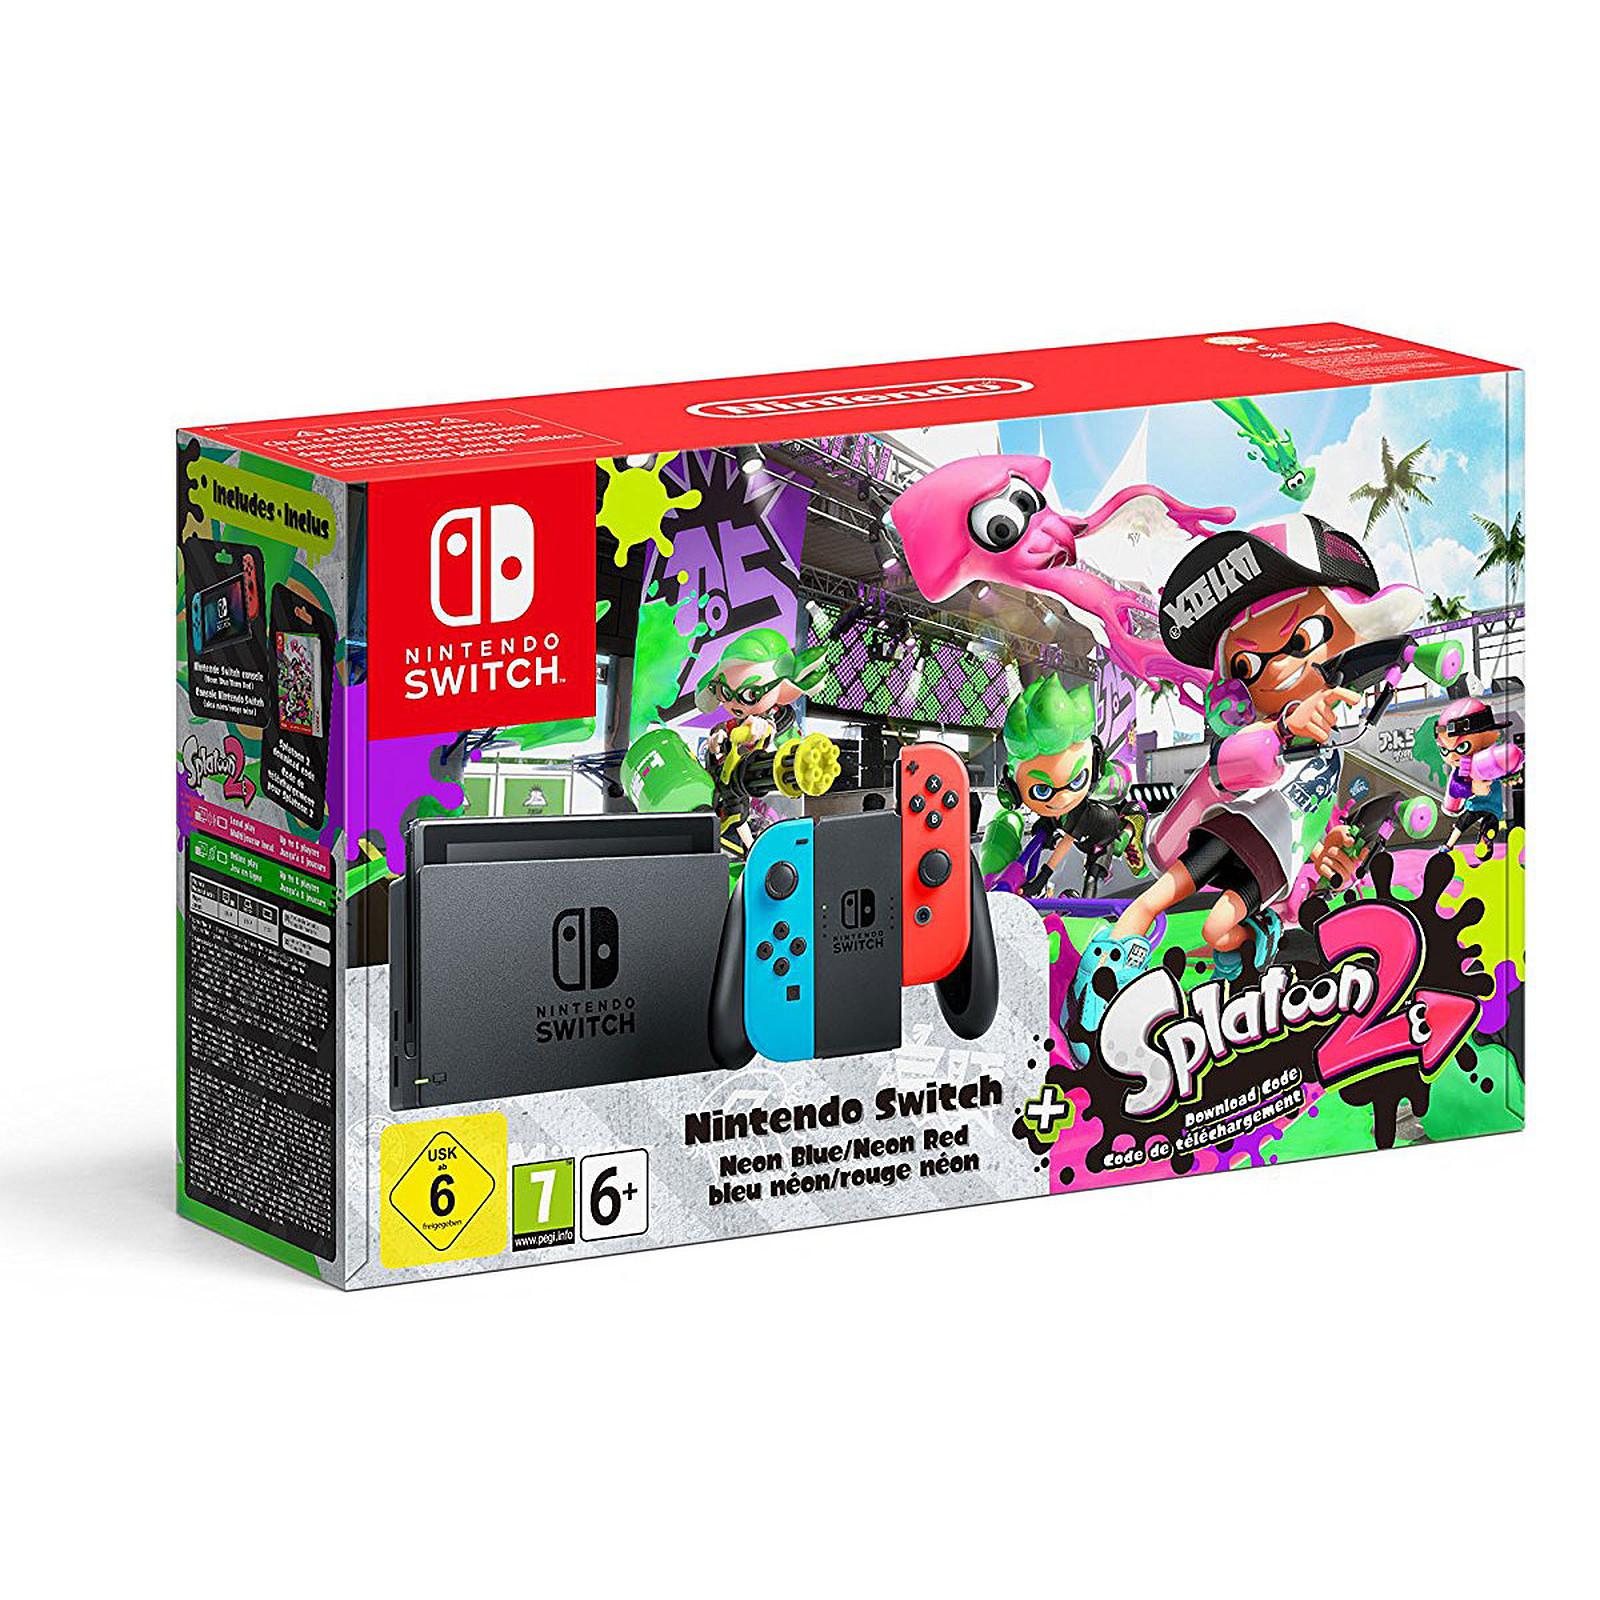 Nintendo Switch + Joy-Con droit (rouge) et gauche (bleu) + Splatoon 2